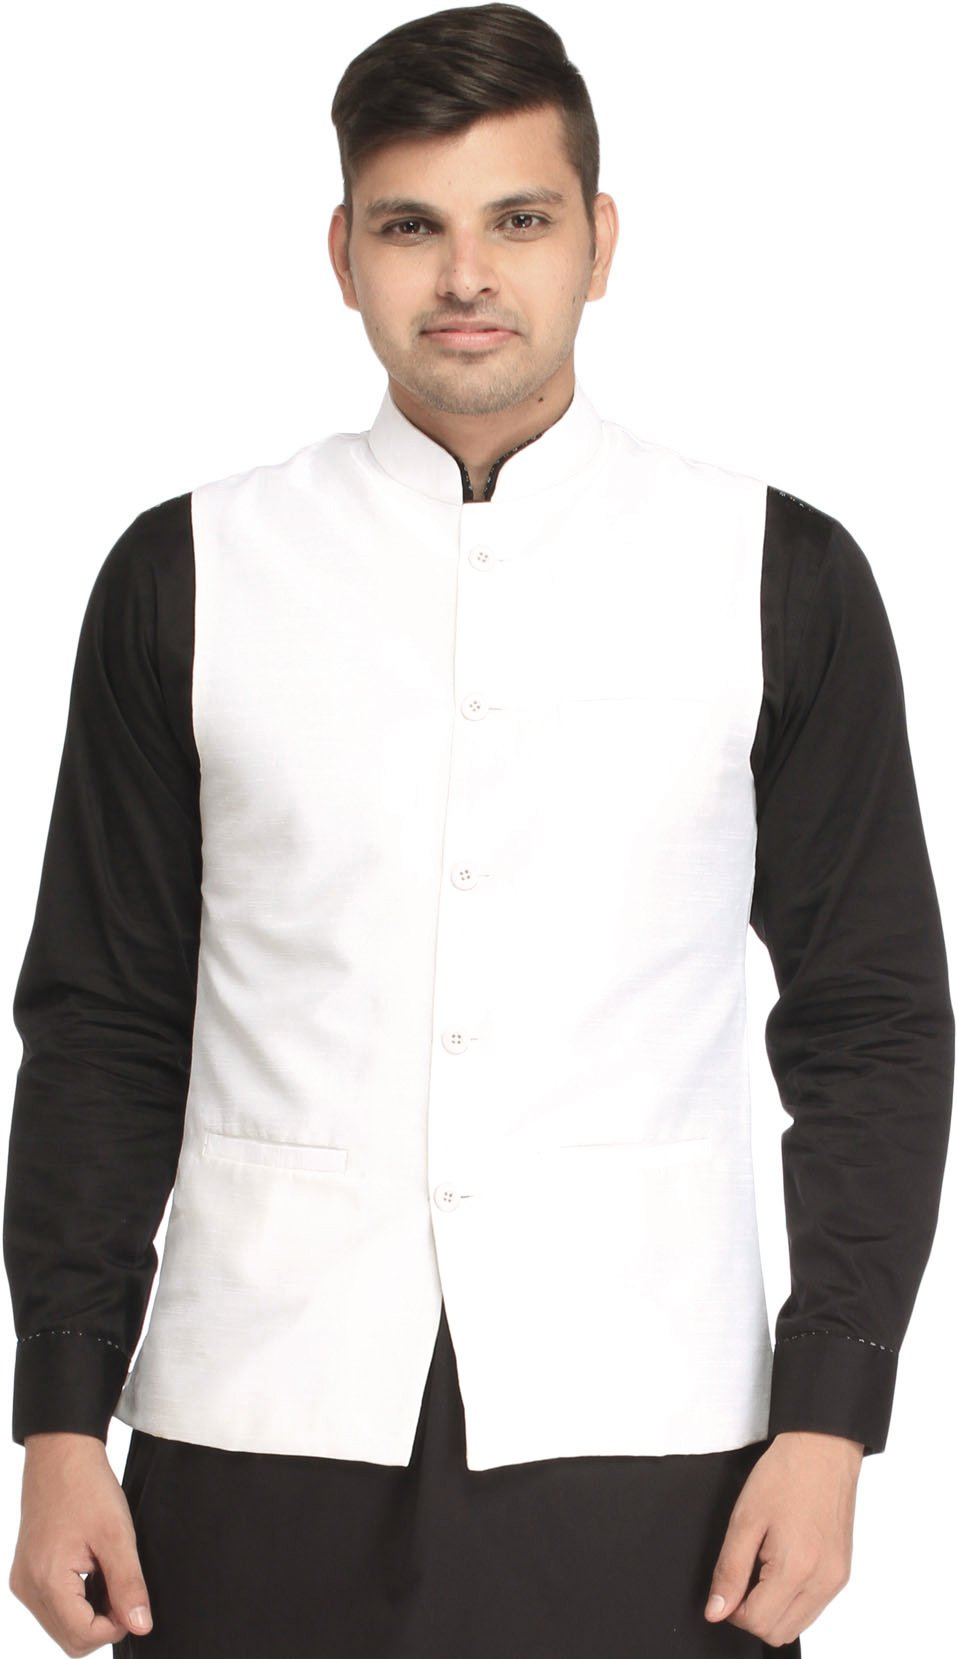 Exotic India Plain Wedding wai - Color White Size 42